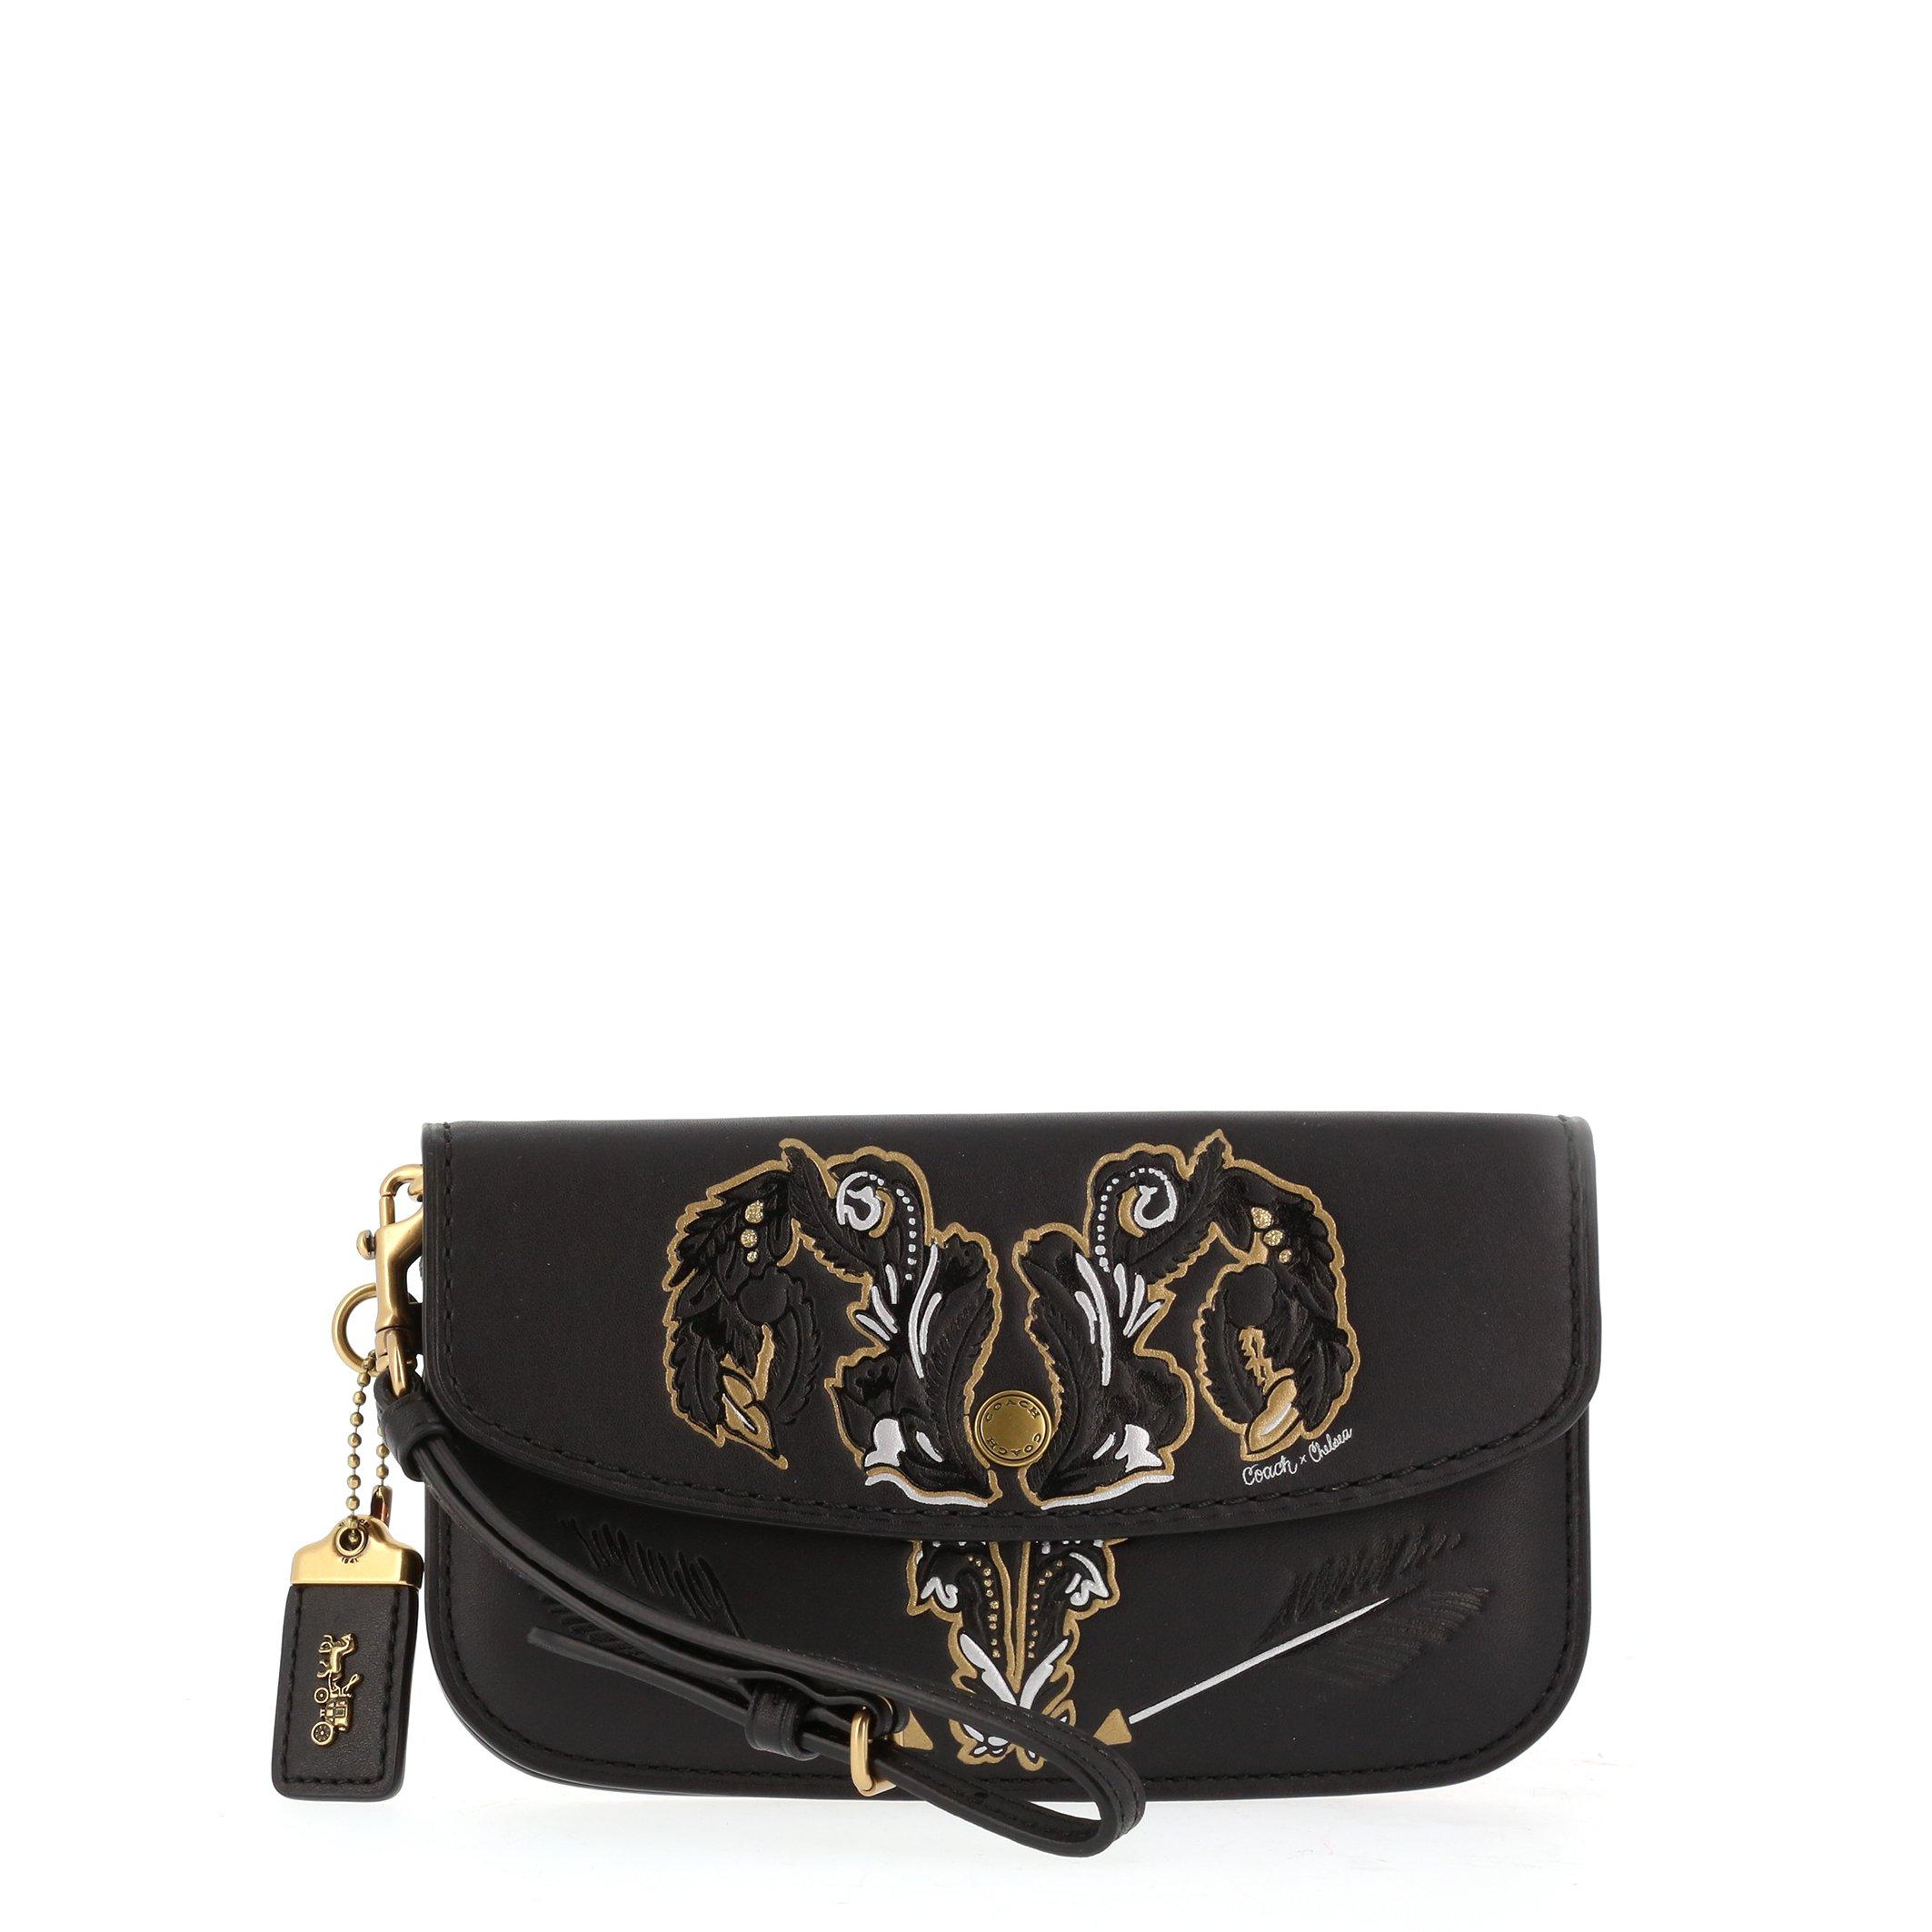 Coach Women's Clutch Bag Various Colours 37370 - black NOSIZE